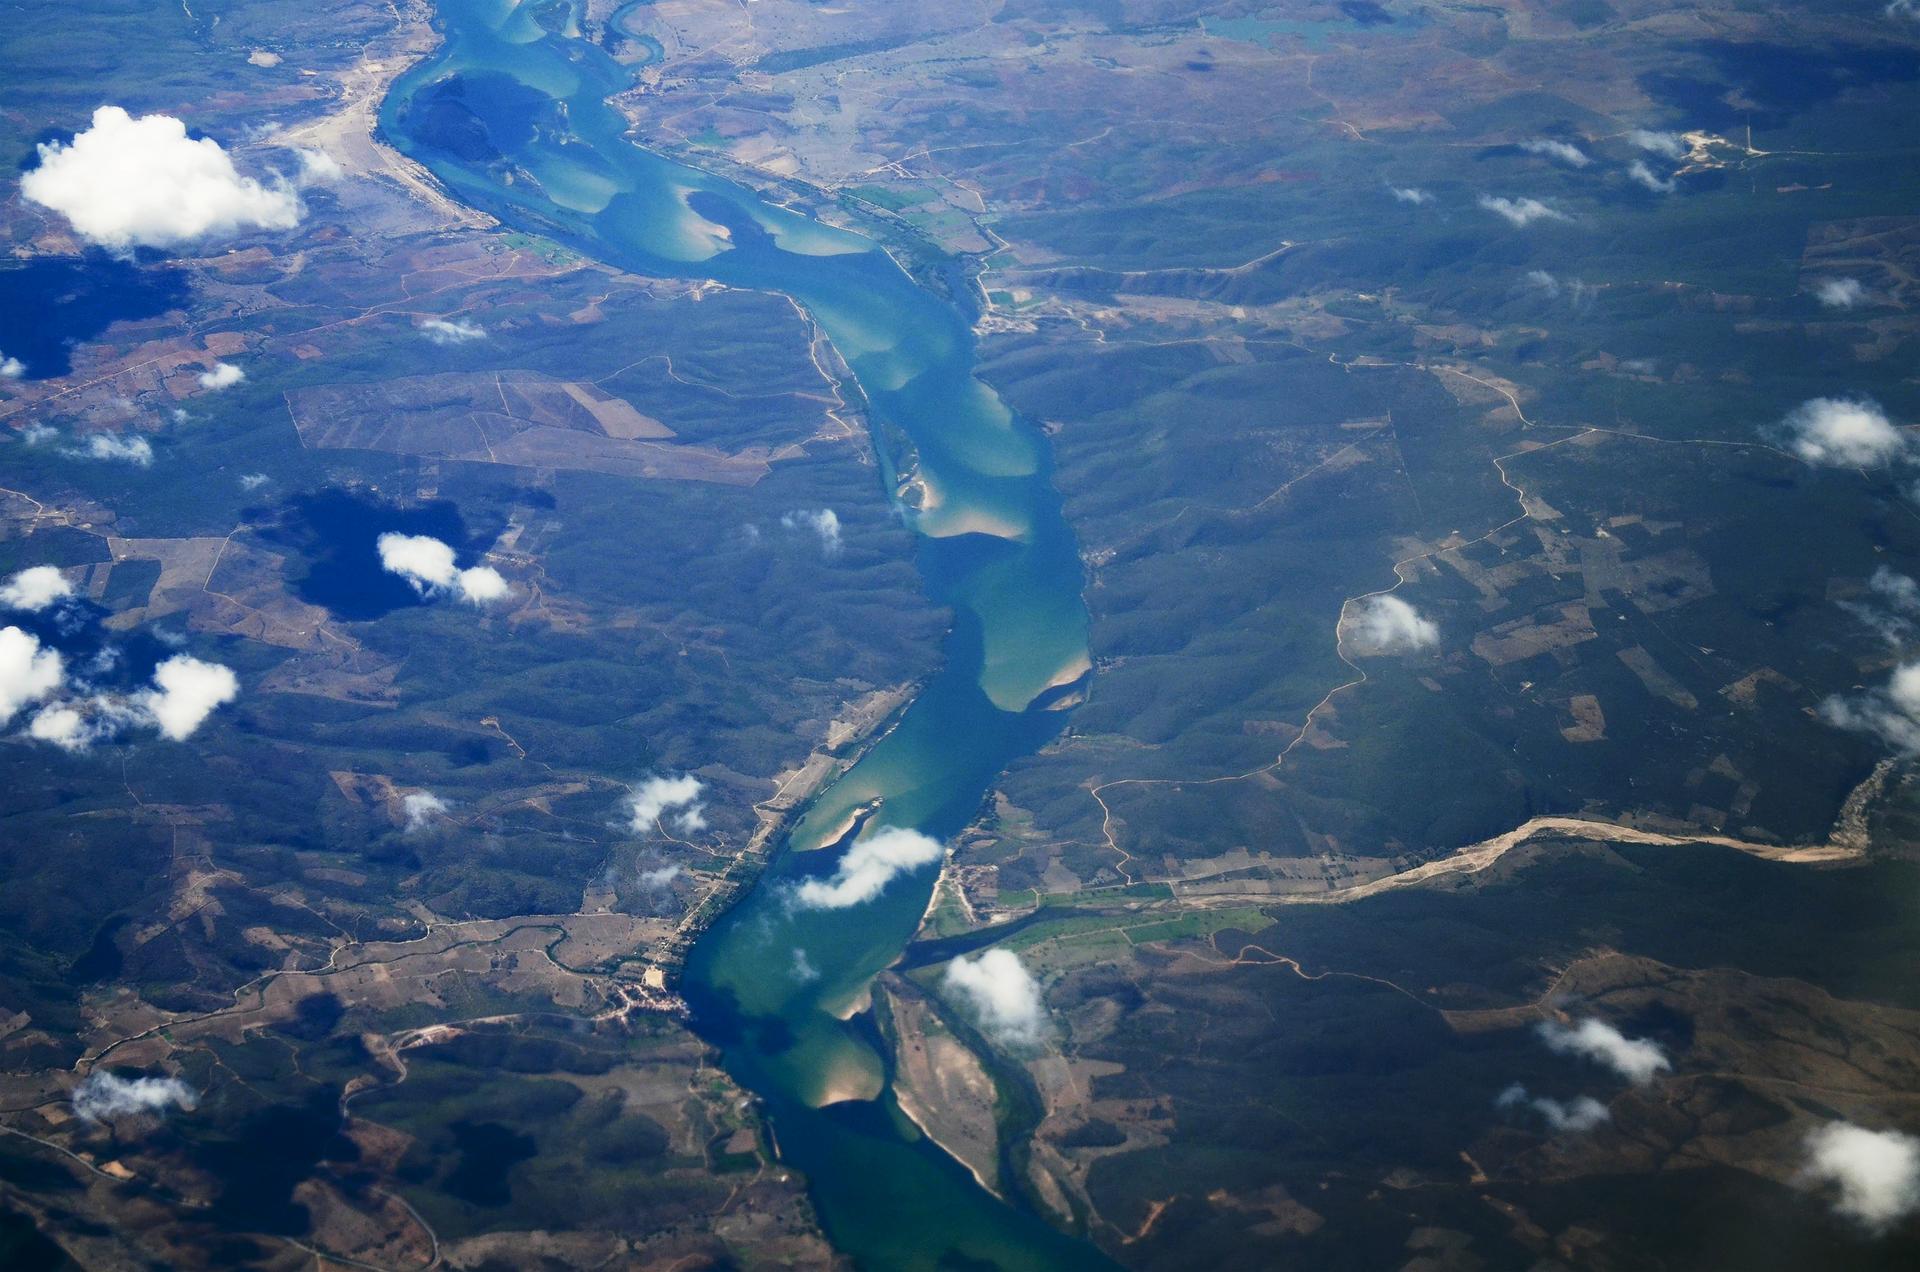 Na fotografii wykonanej zlotu ptaka rozległa równina porośnięta lasami. Środkiem płynie rzeka. Płynie spokojnie, widoczne łachy piasku. Ponad przedstawionym obszarem płyną białe chmury.